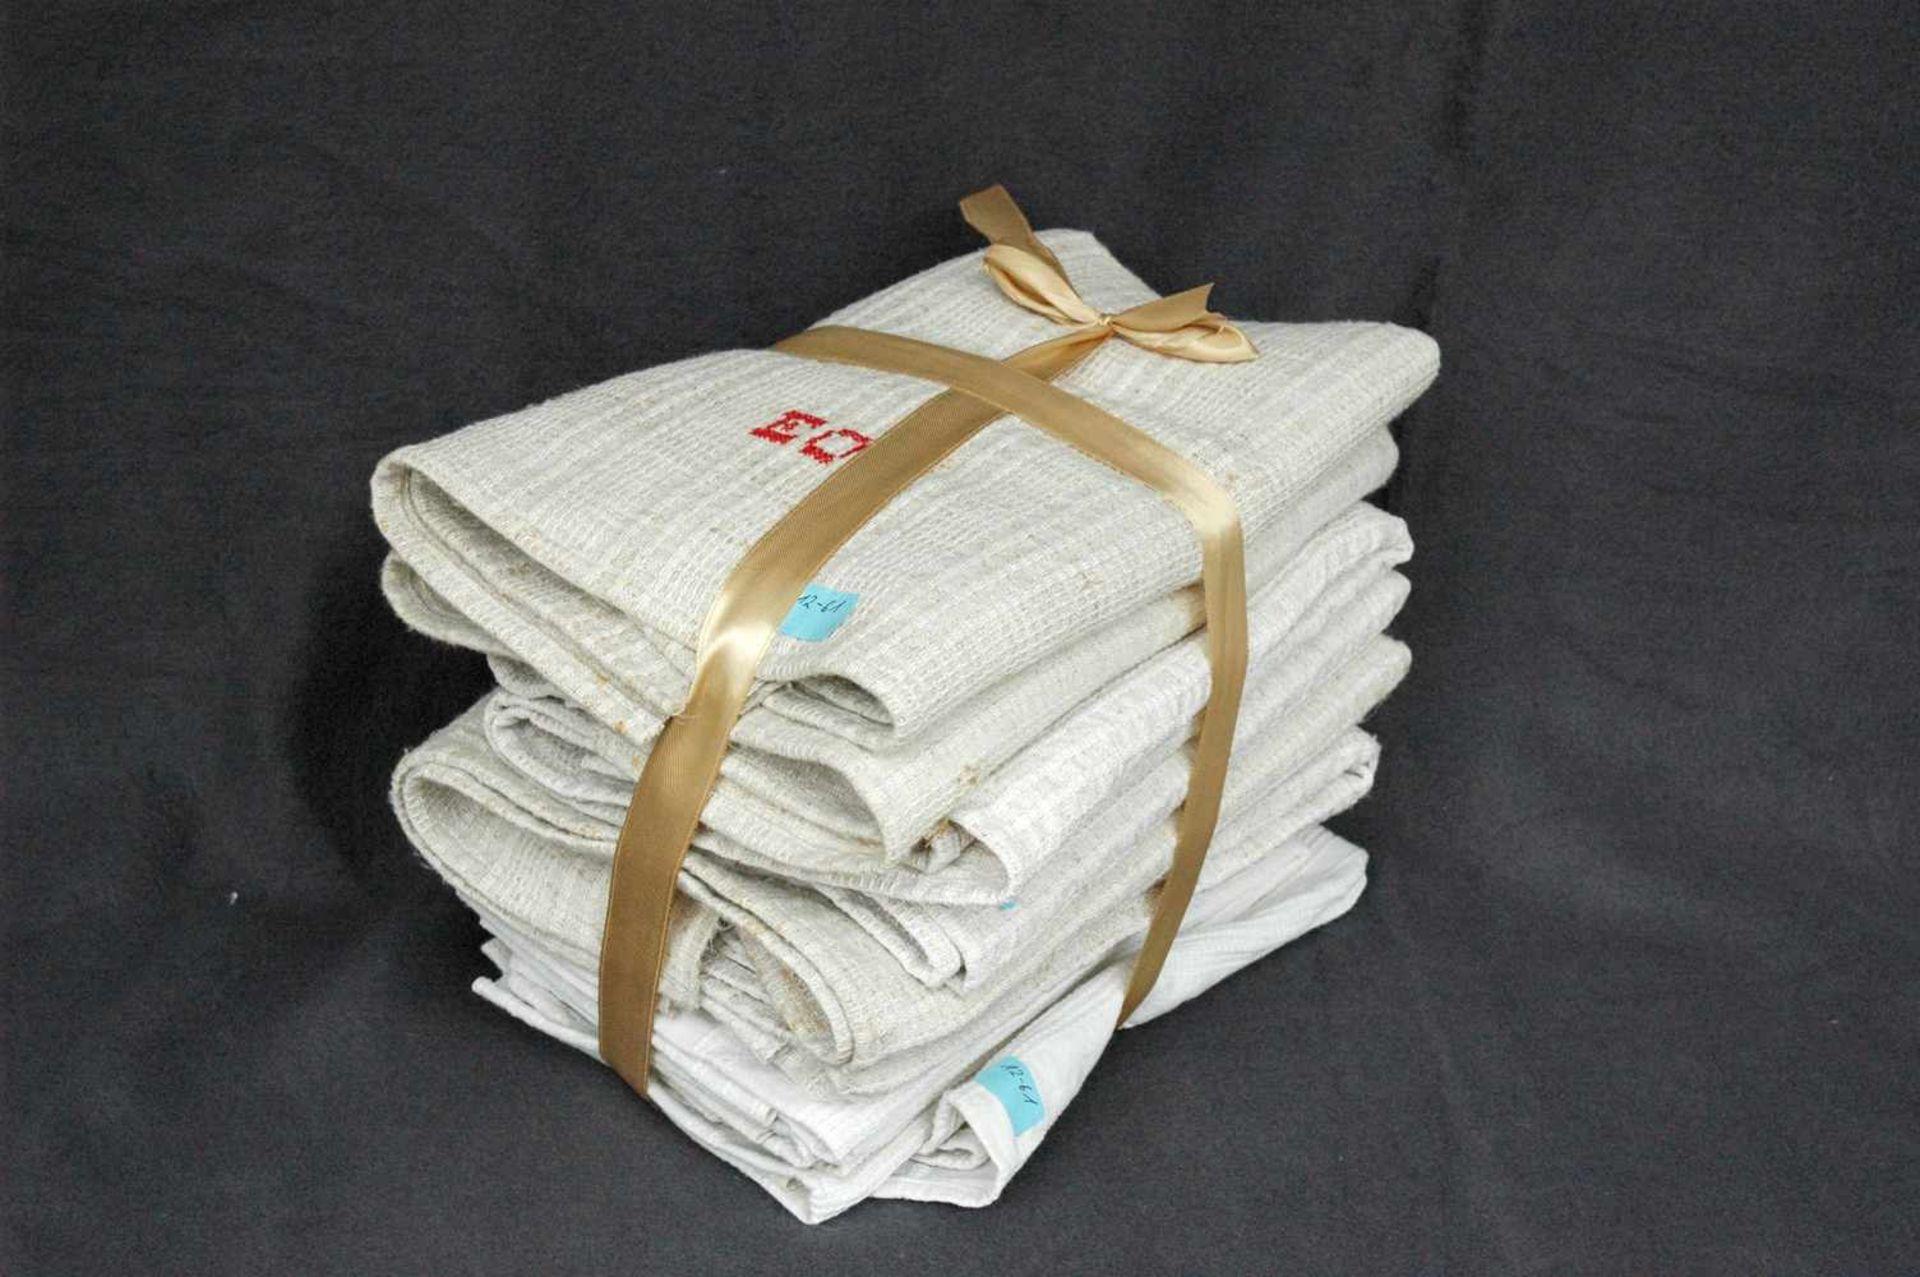 11 Leinen-Handtücher: 6 grobe, rotes Monogramm EO5 feine, Streifen, rotes Monogramm EO - Bild 4 aus 4